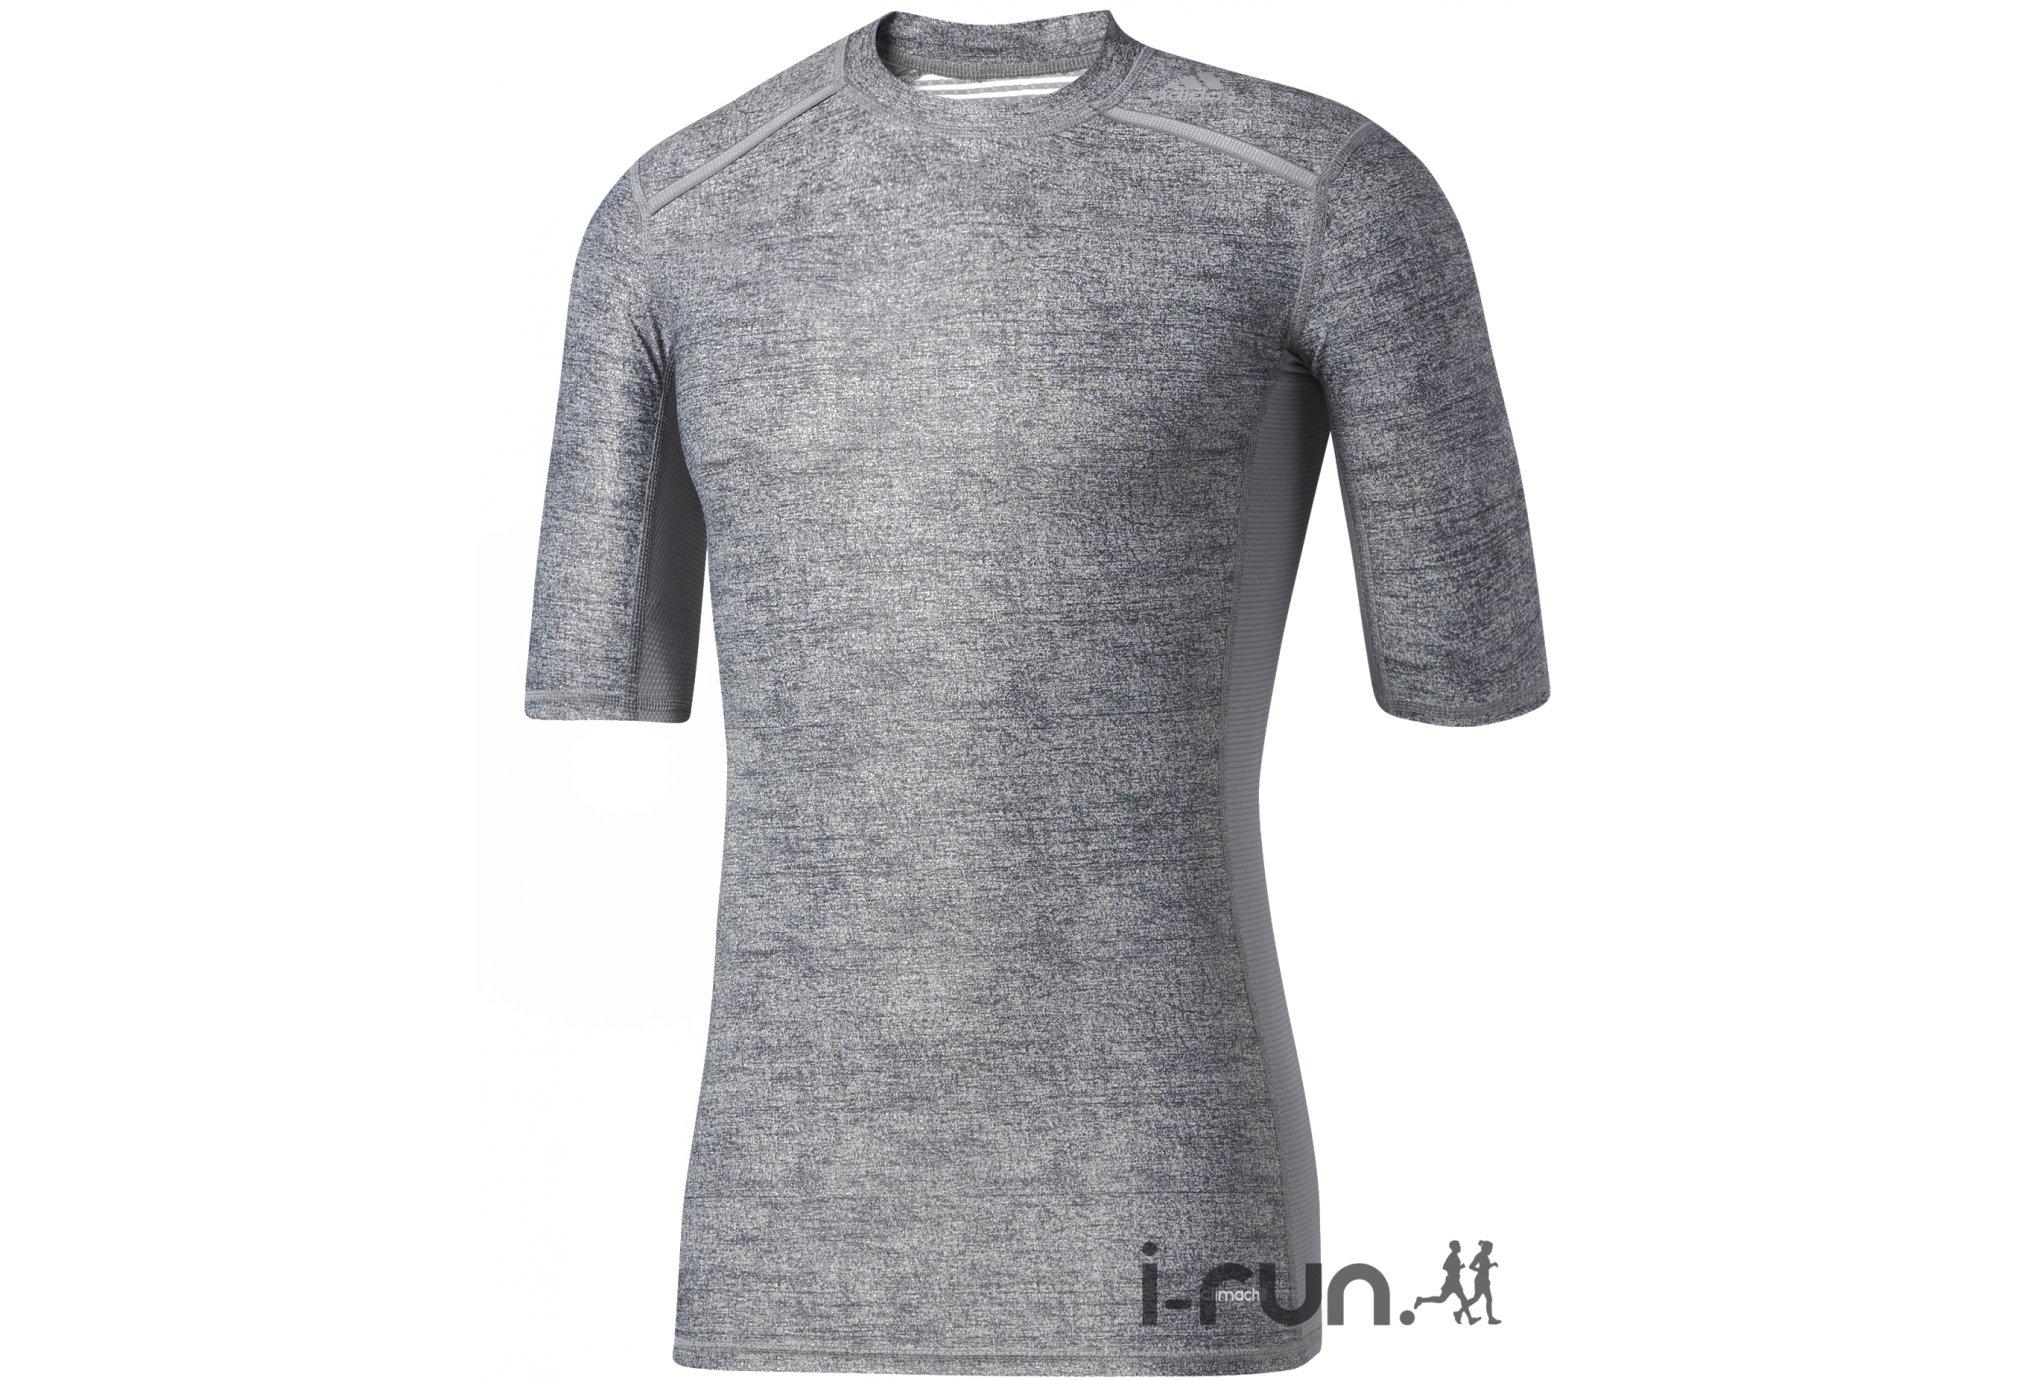 Adidas Tee-Shirt 3/4 techfit chill m vêtement running homme